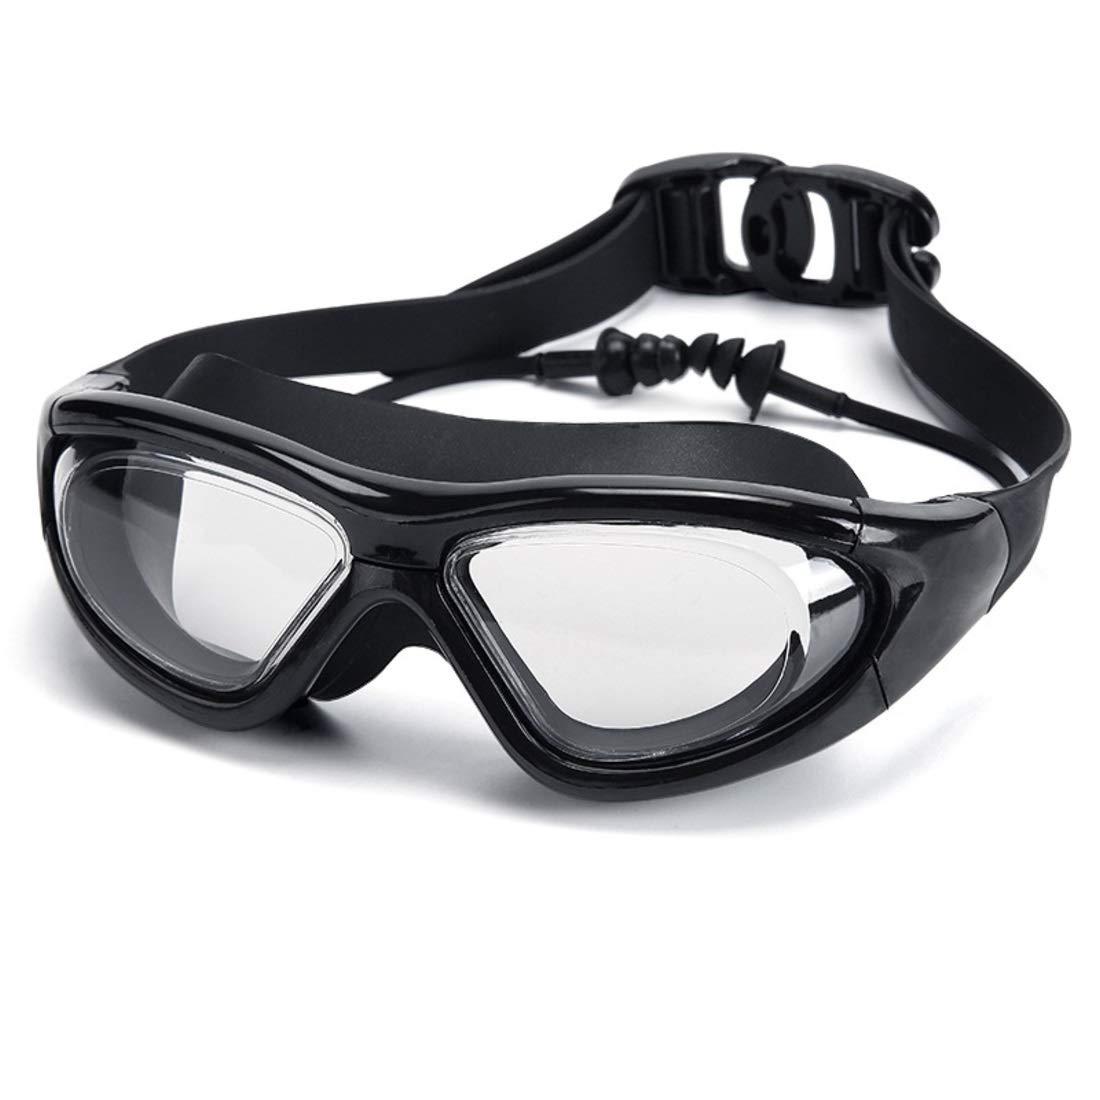 Gafas de nataci/ón con Tapones para los o/ídos para Hombres Mujeres. Uzanesx Gafas de Gran tama/ño HD Impermeables y antiniebla Color : Blue